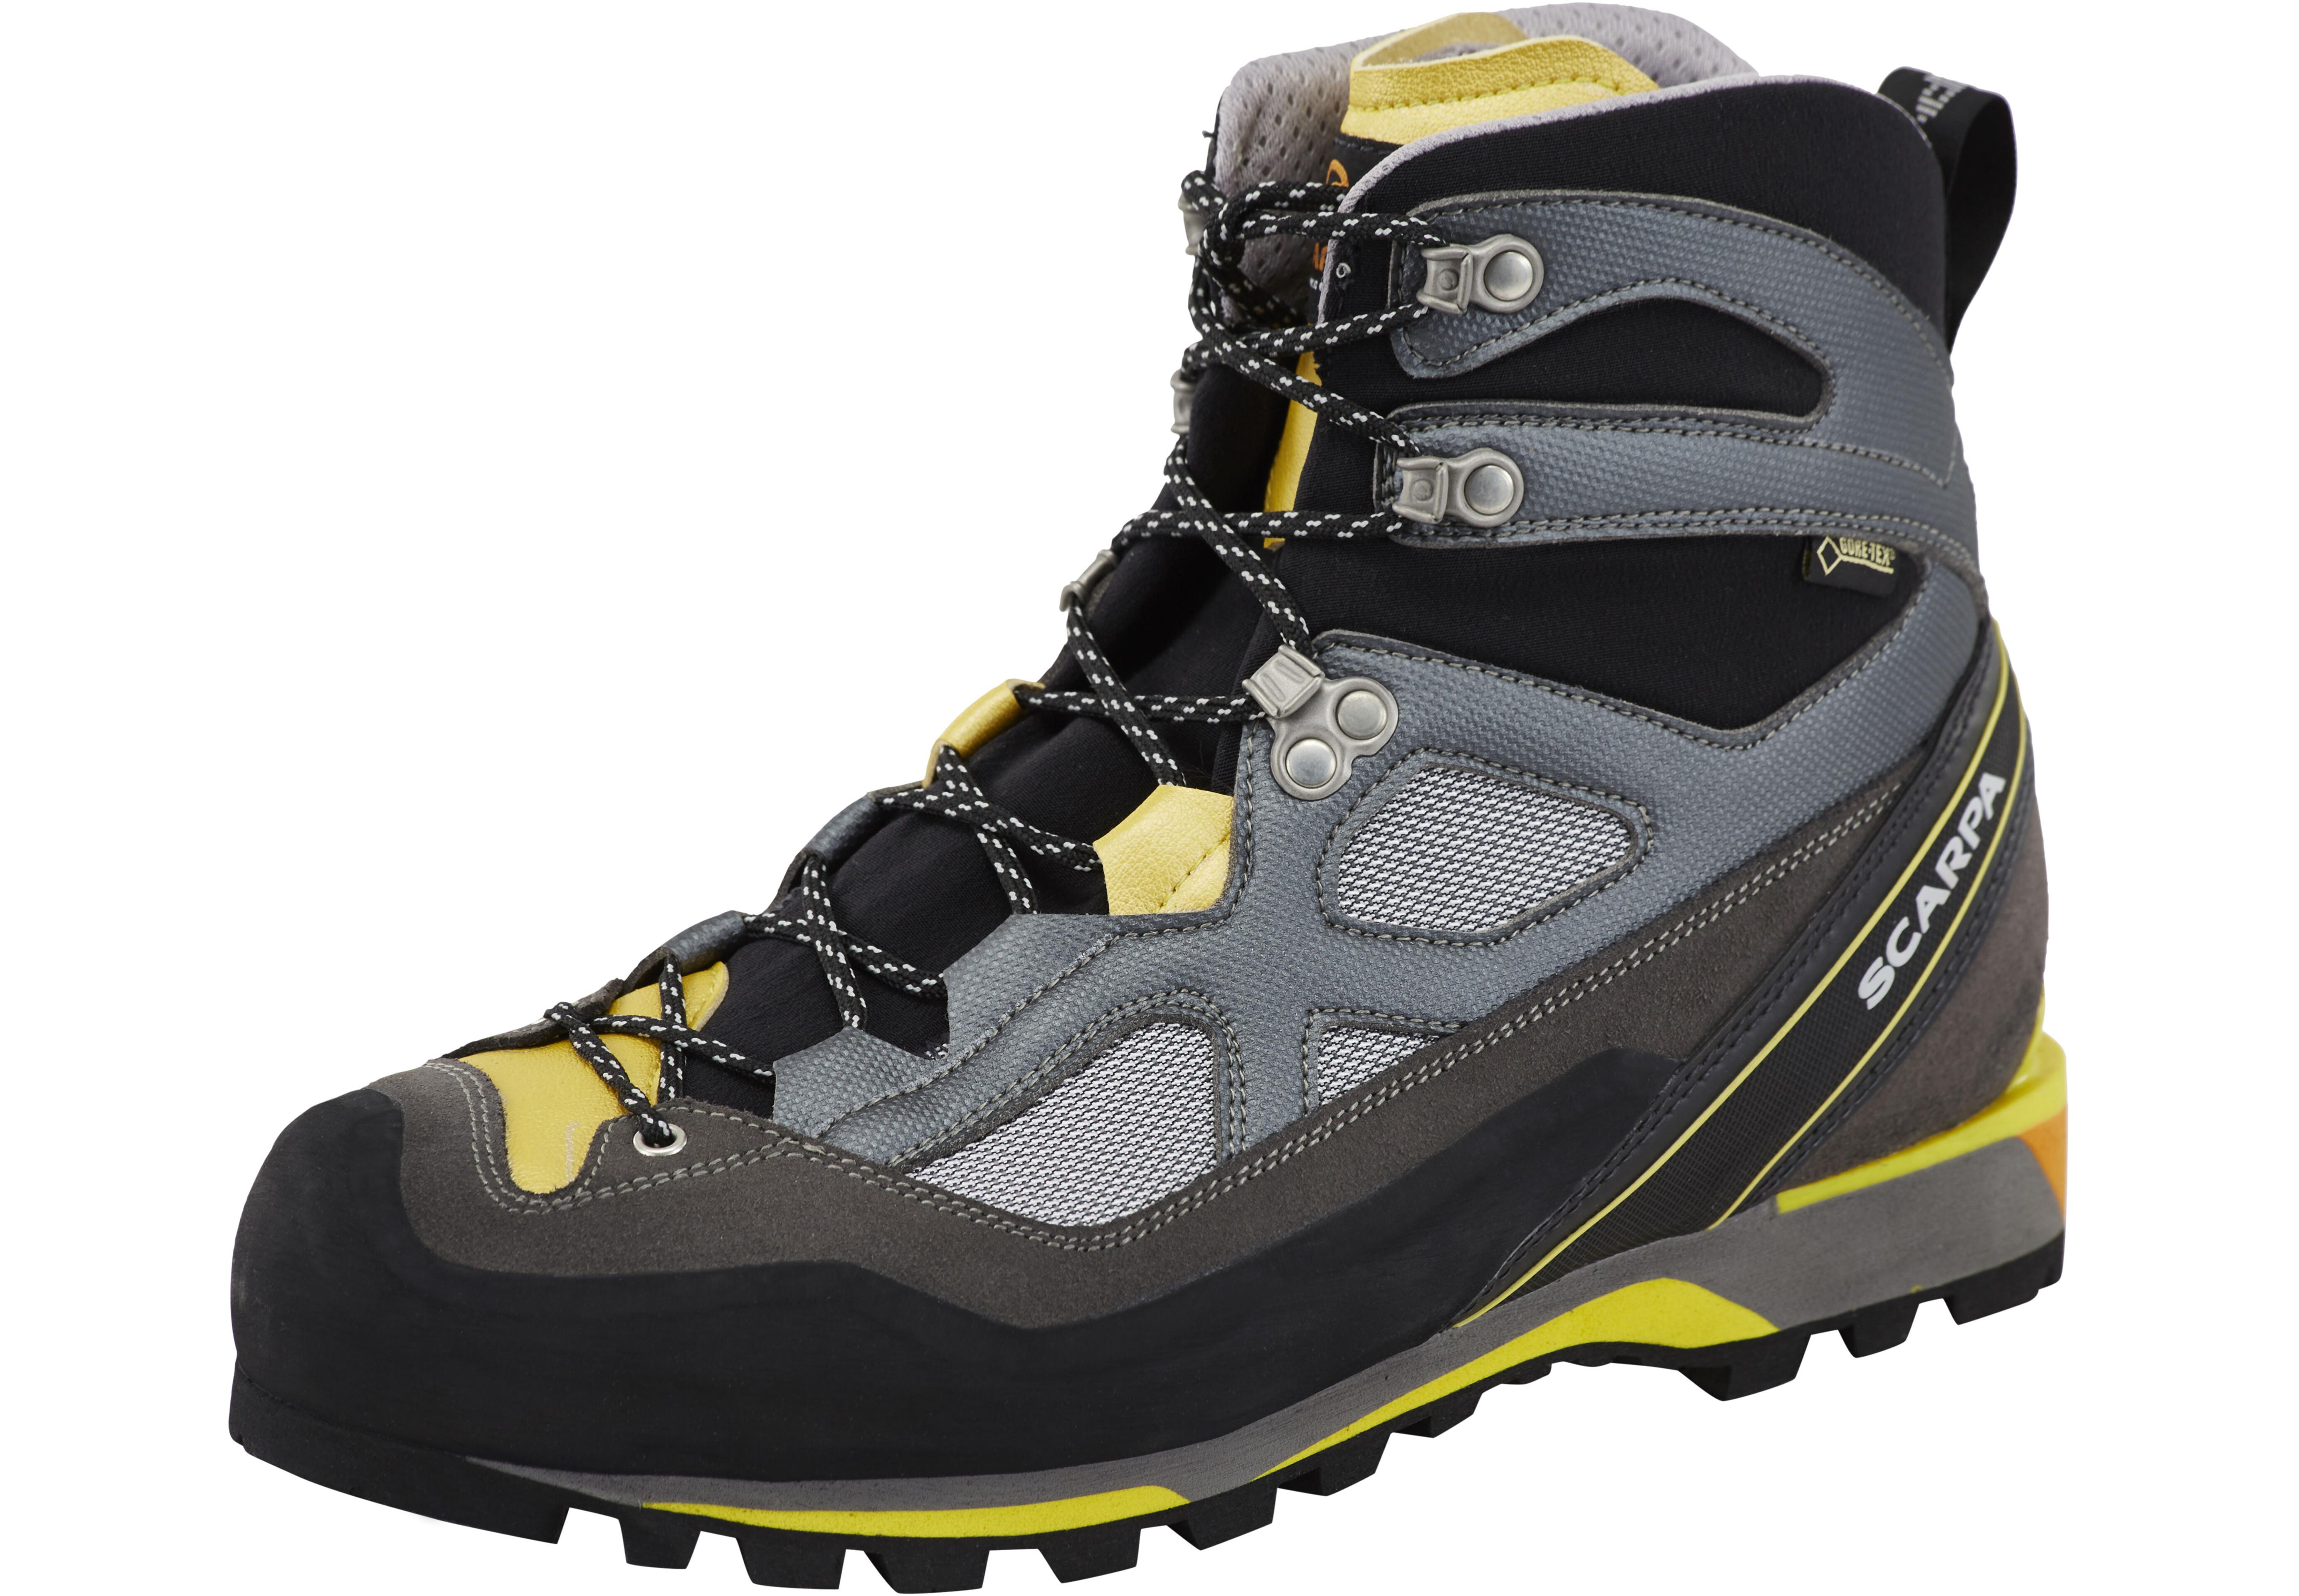 quality design 4d63d 8fa3e Scarpa Rebel Lite GTX Shoes Men gray/lemon